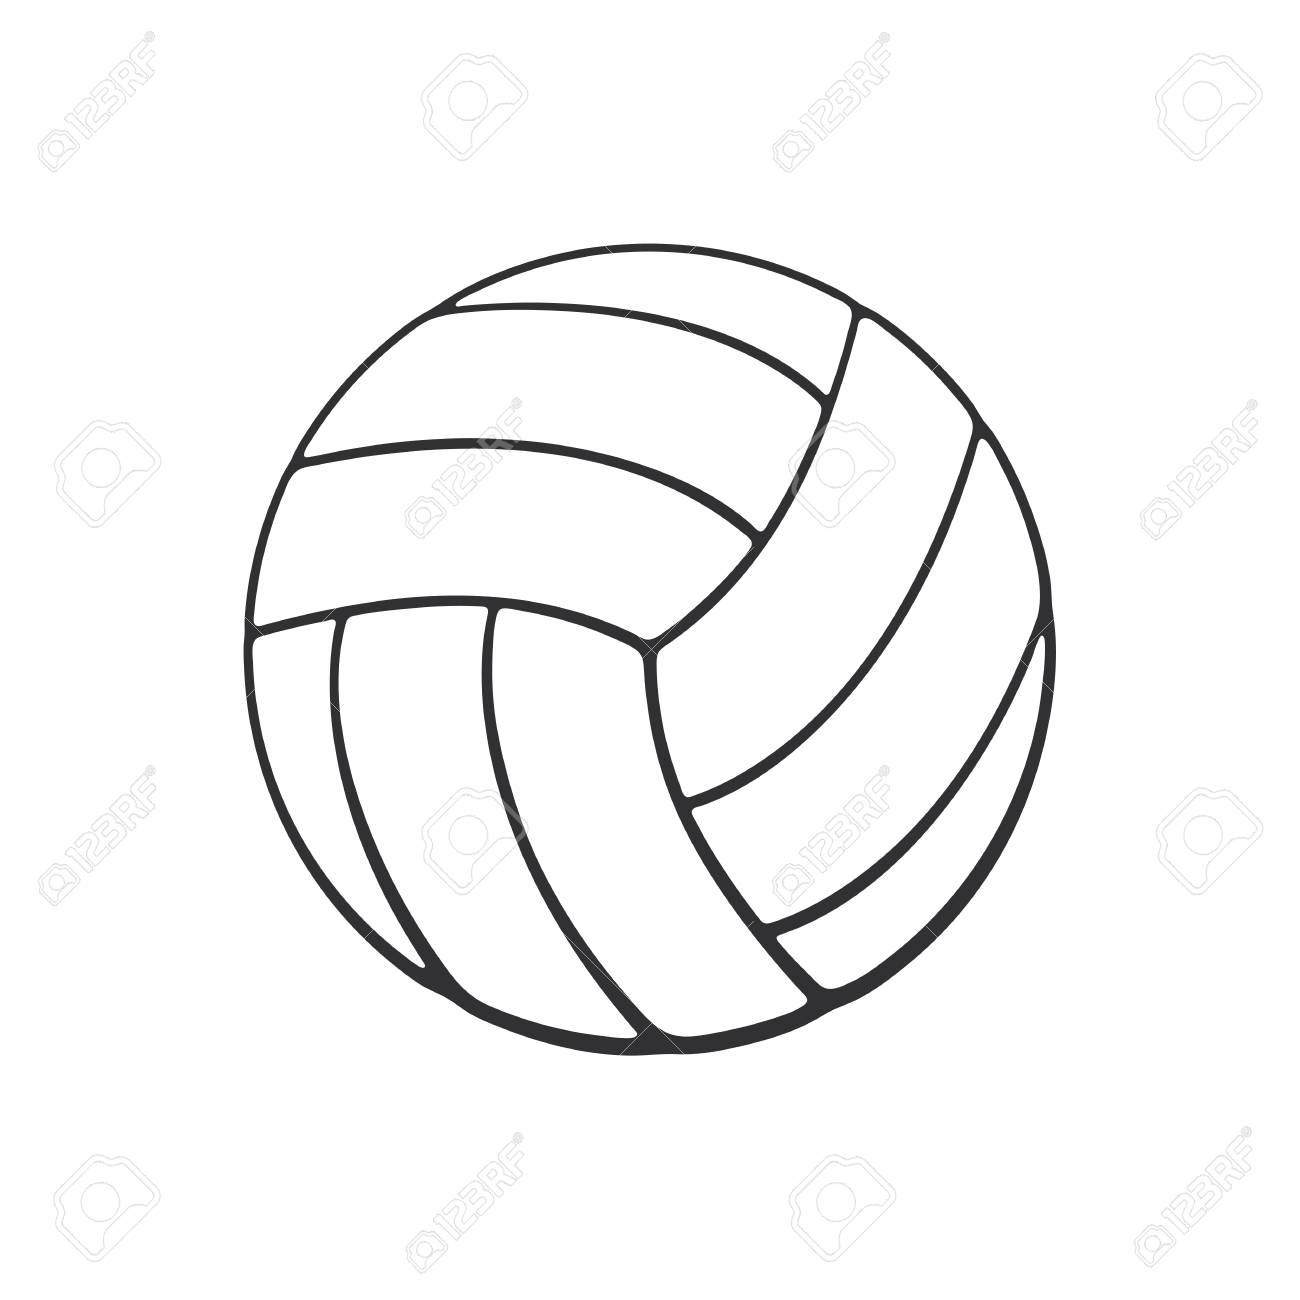 Coloriage Ballon De Volley.Illustration Vectorielle Doodle Dessine A La Main De Ballon De Volley Ball En Cuir Equipement Sportif Esquisse De Dessin Anime Decoration Pour